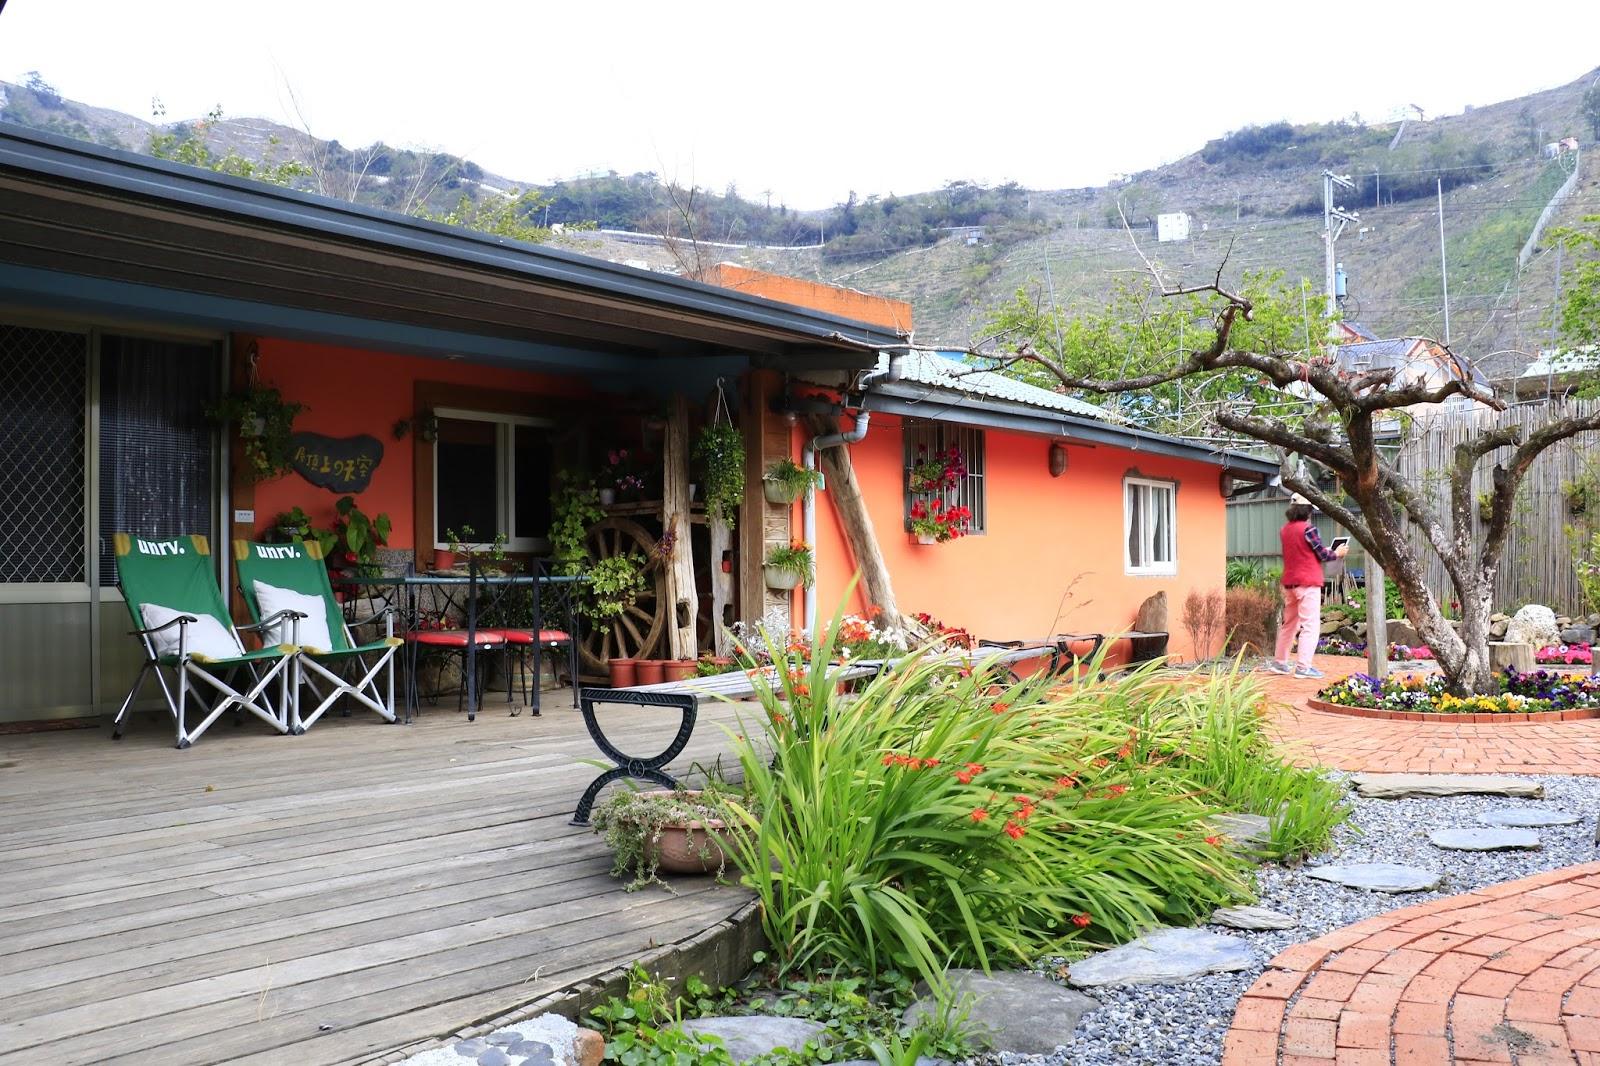 星空下的對話: 環山部落旅遊及住宿